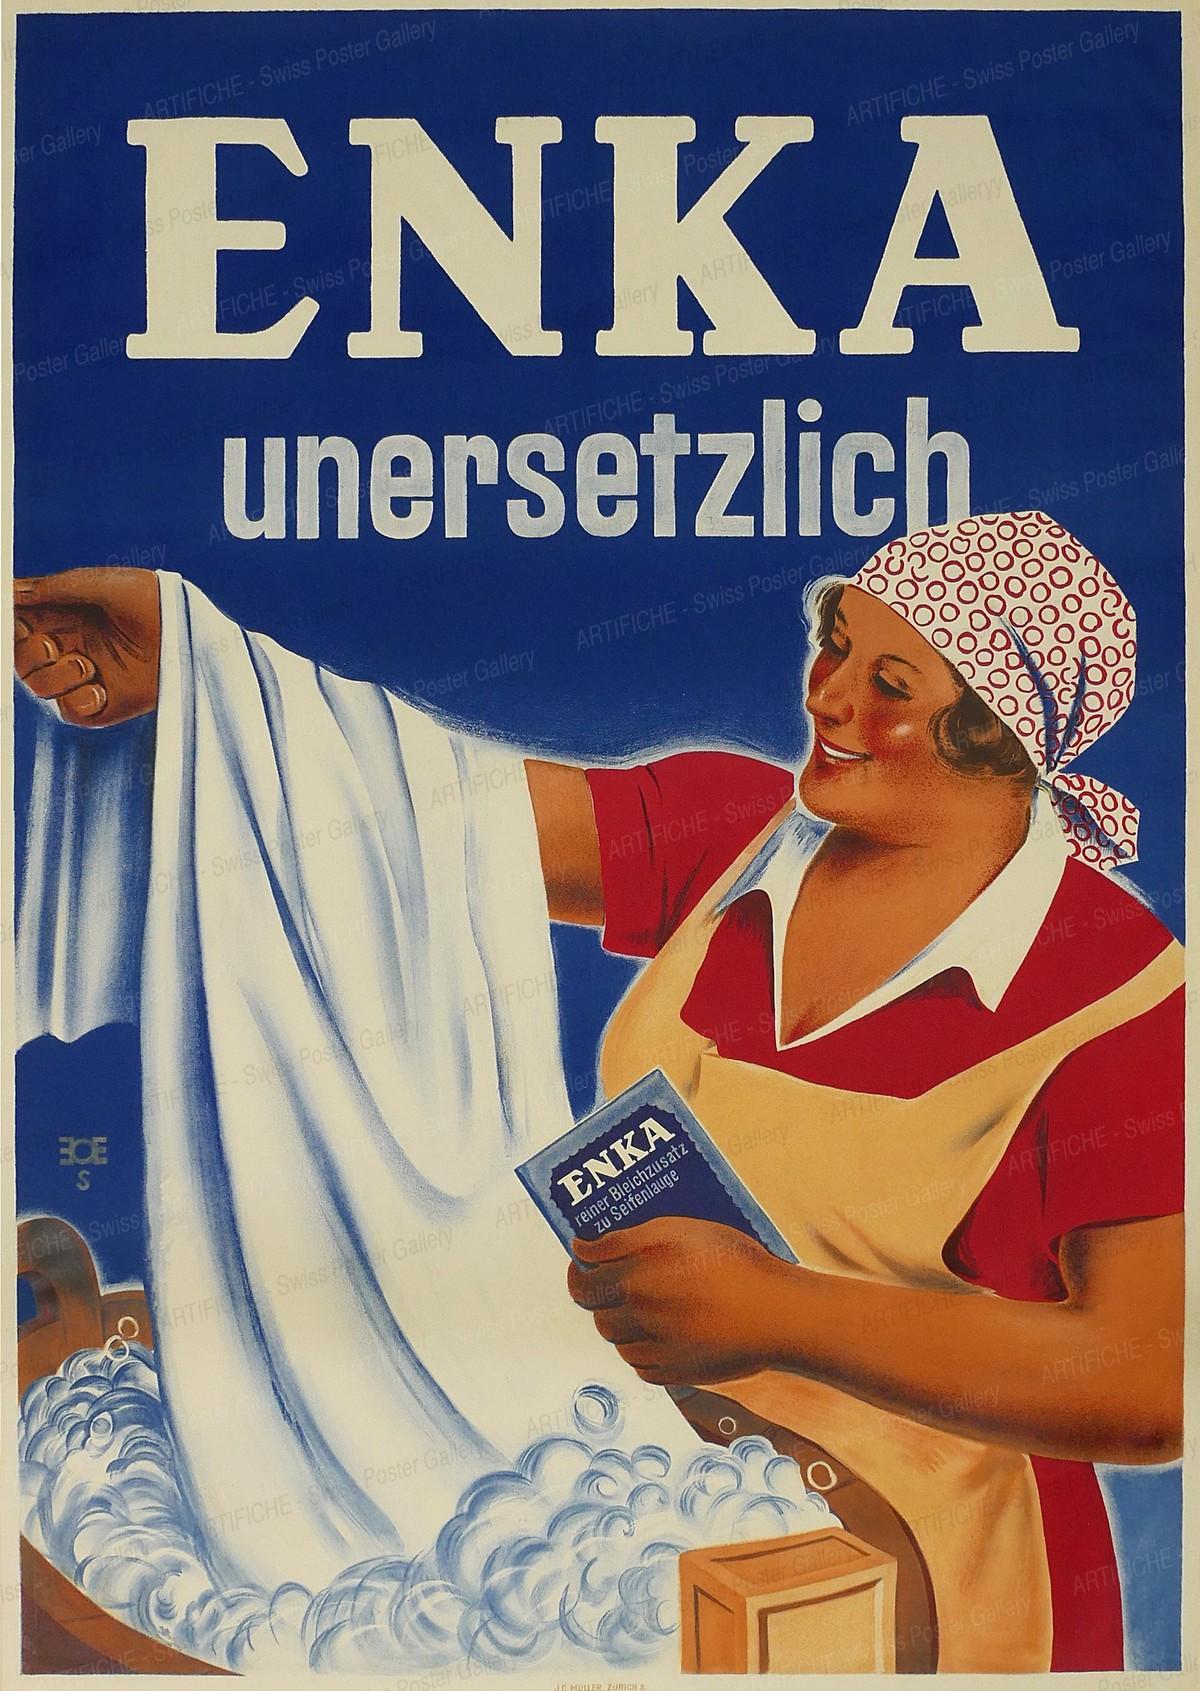 ENKA unersetzlich, Elsässer